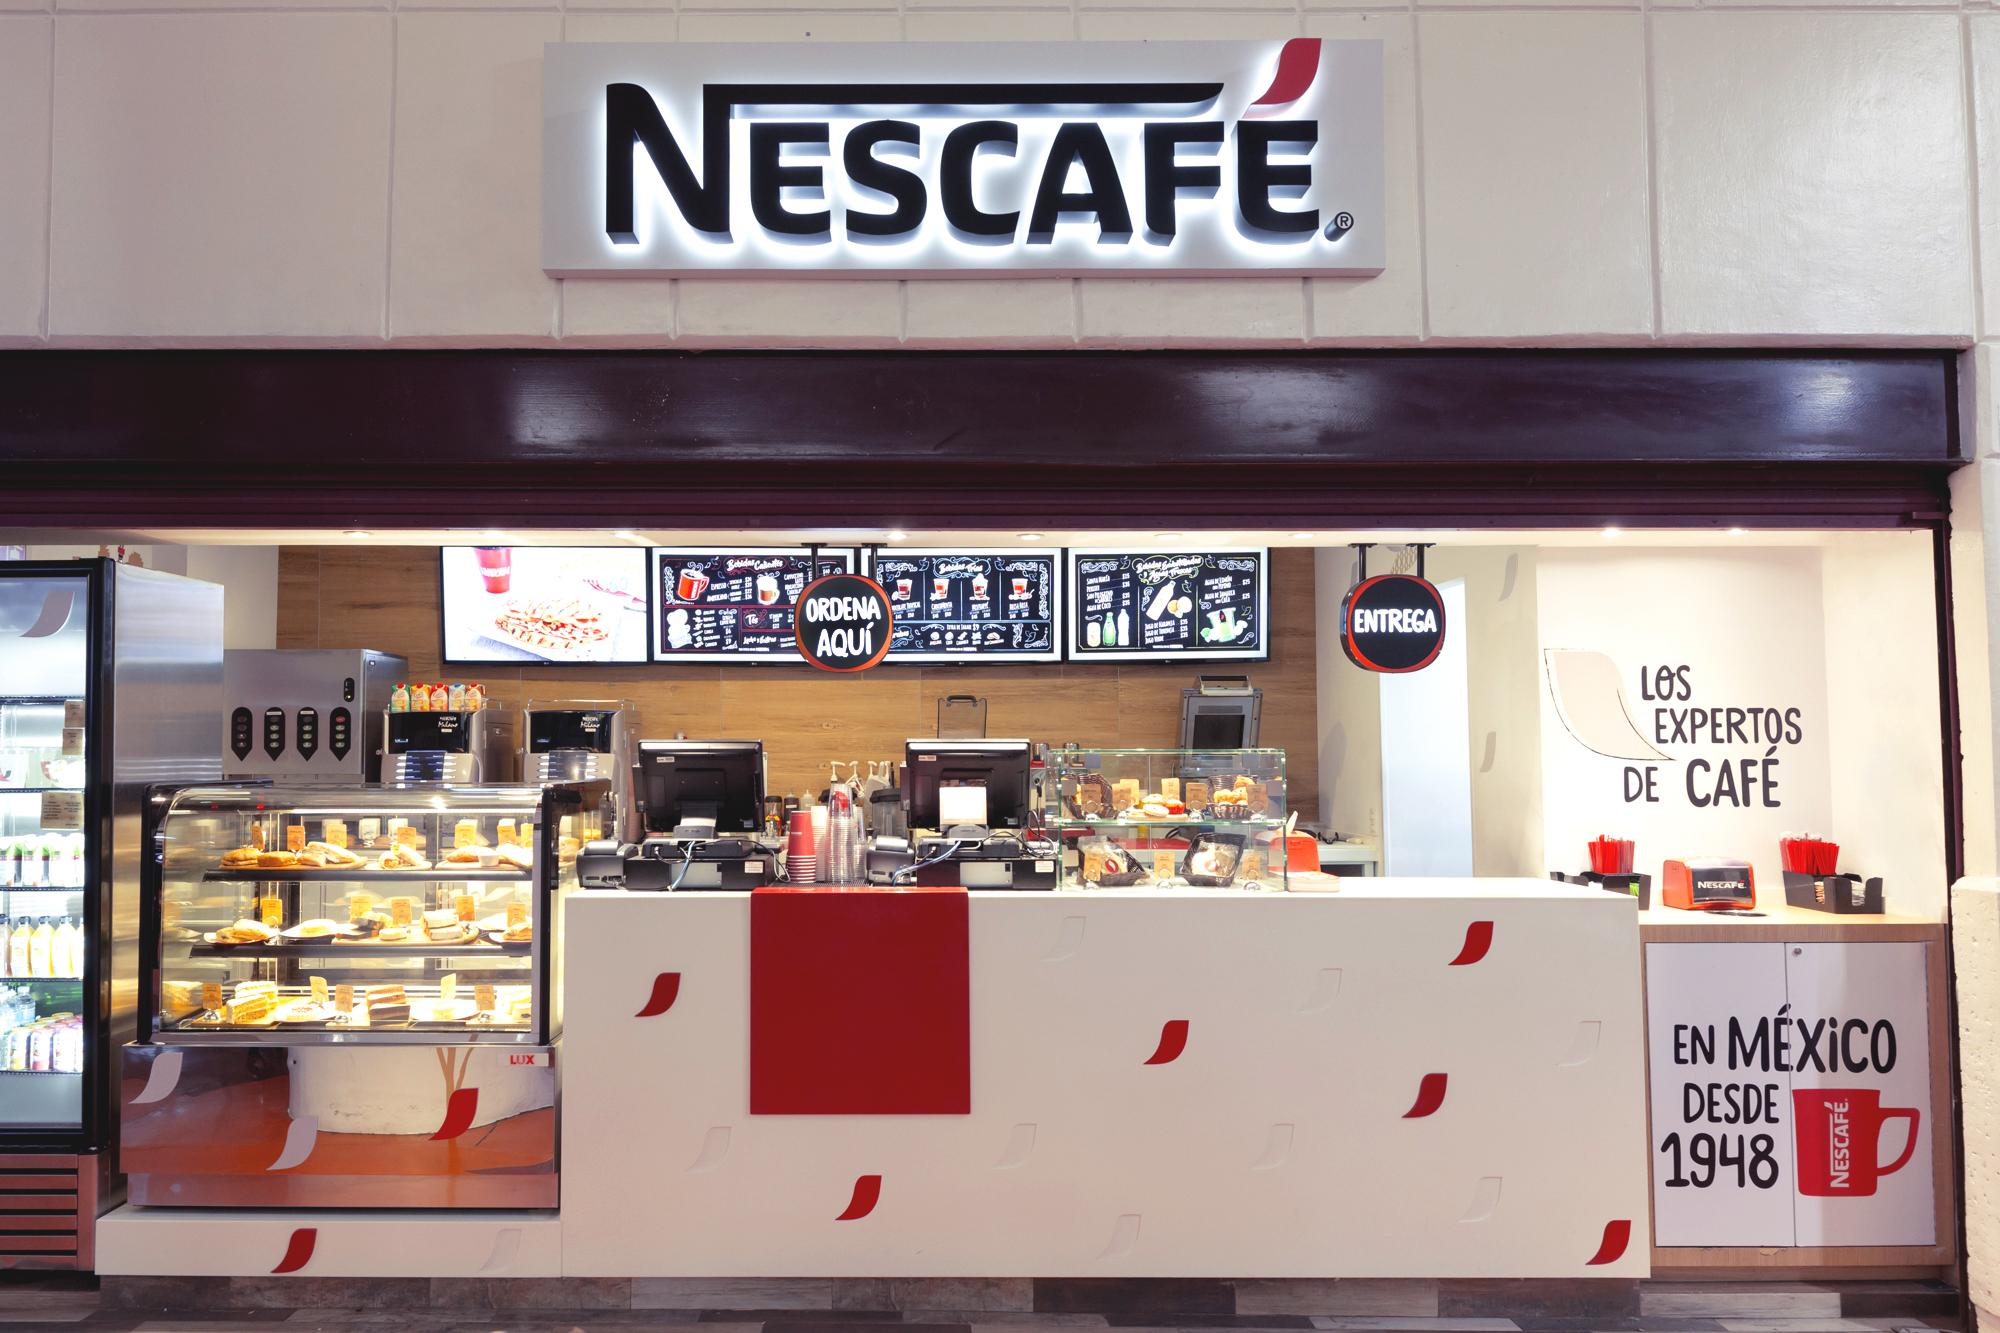 Nescafé aprieta con sus cafeterías y quiere llegar a 20 para ganar mercado